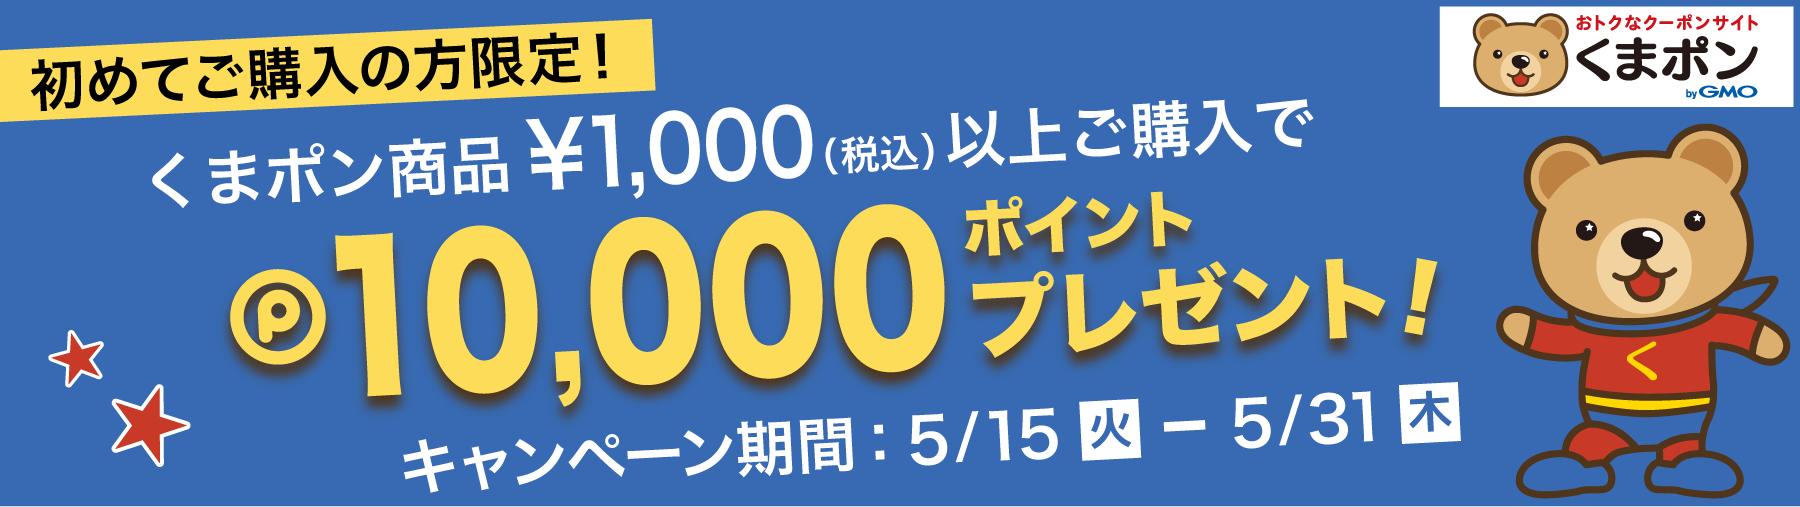 くまポン×ポイントタウン 500円分相当ポイントプレゼントキャンペーン